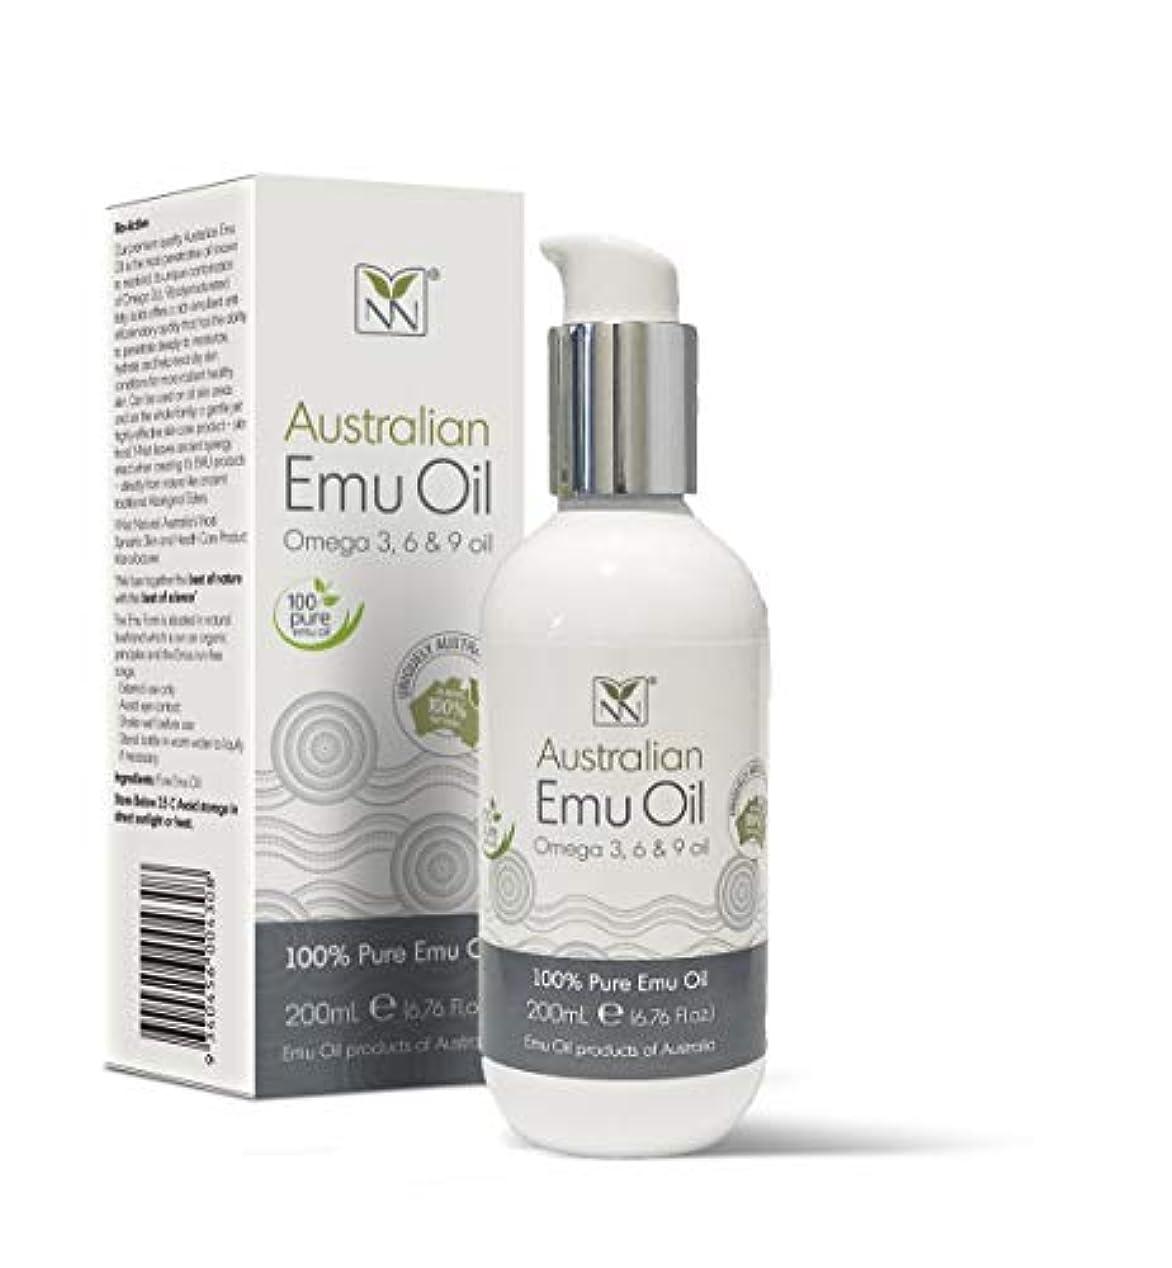 通知半導体読むY Not Natural エミューオイル EMU OIL 無添加100% 保湿性 浸透性 抜群 プレミアム品質 エミュー油 (200 ml)